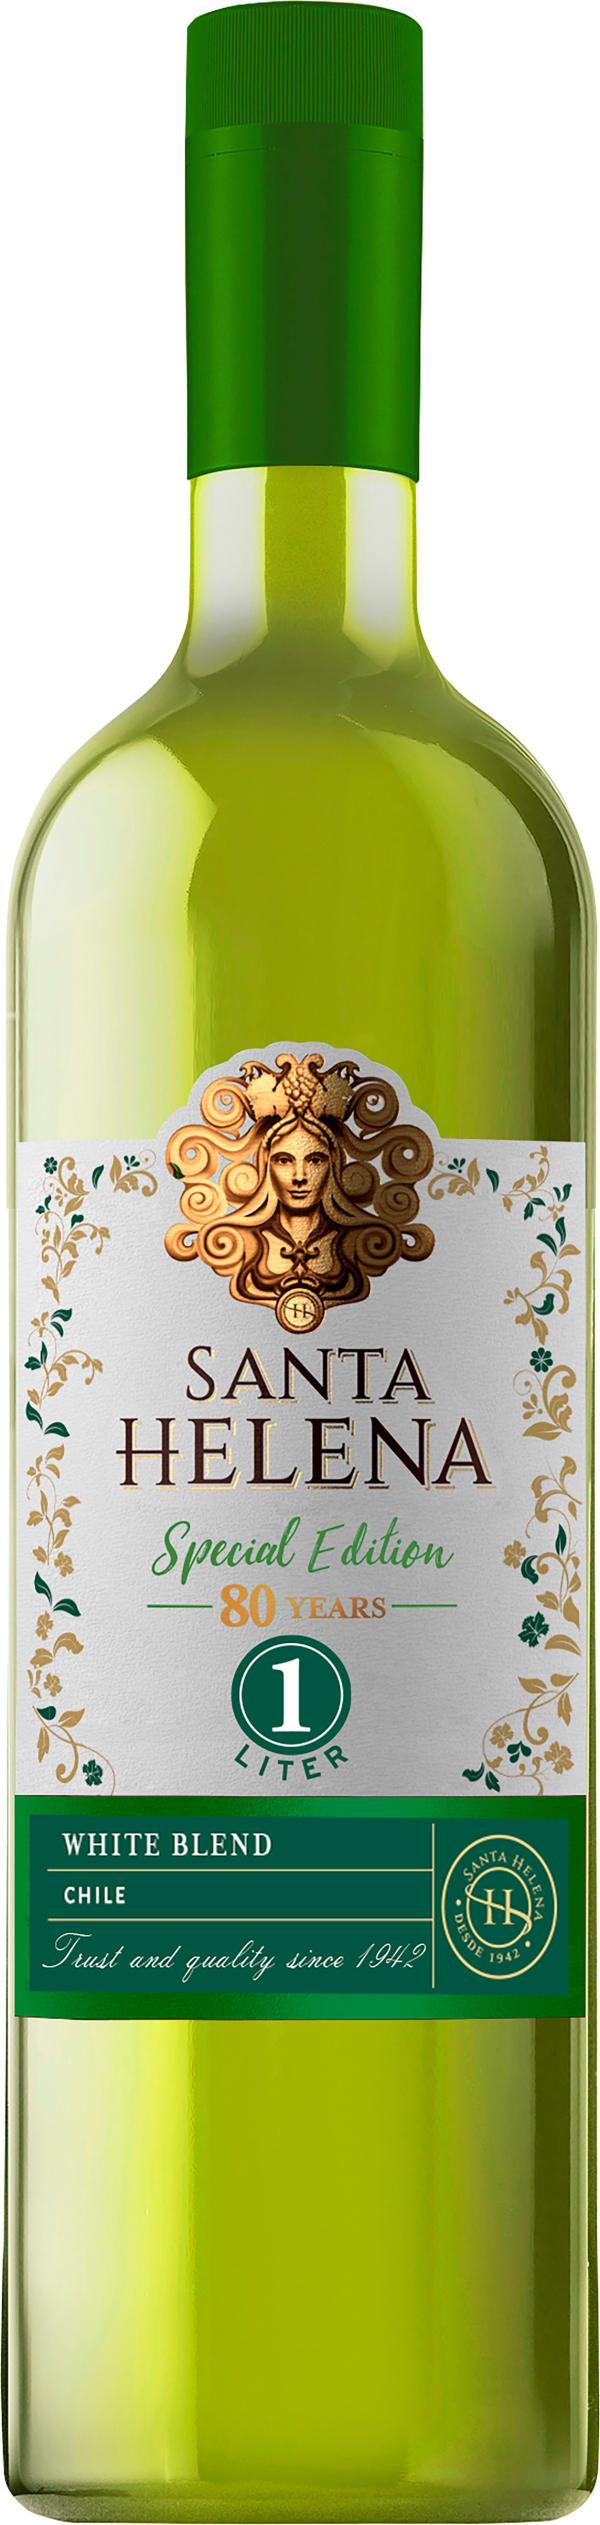 Santa Helena Varietal White Blend 2018 muovipullo